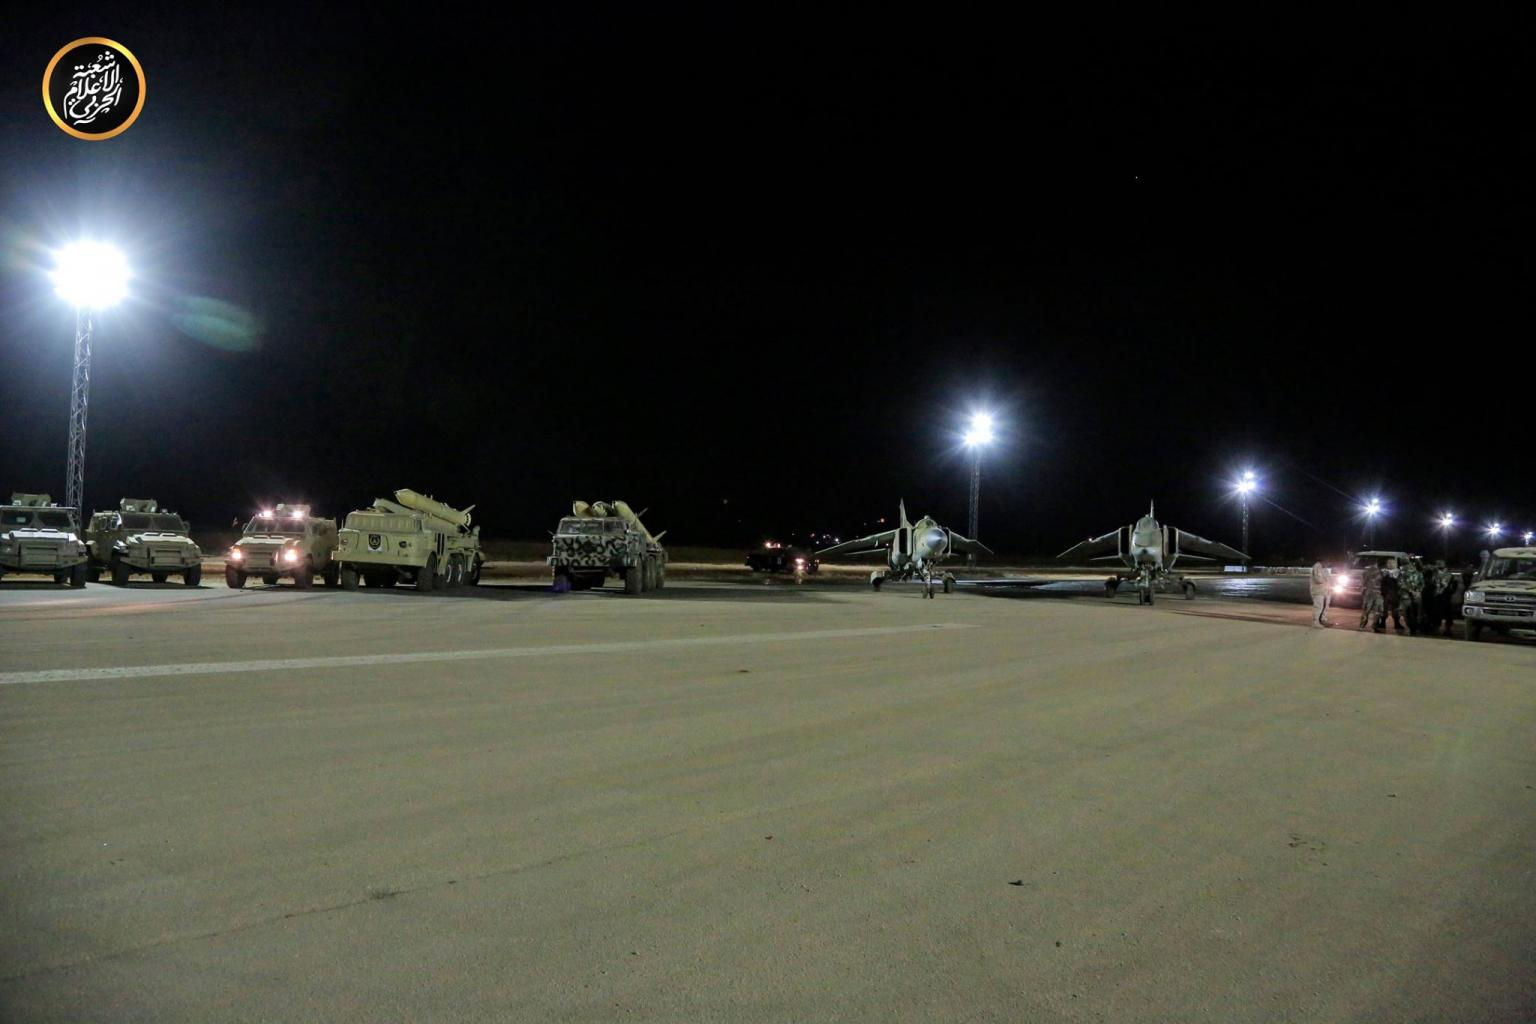 المسماري: قوات الدفاع الجوي للجيش الوطني تسقط طائرتين مسيرتين تركيتين